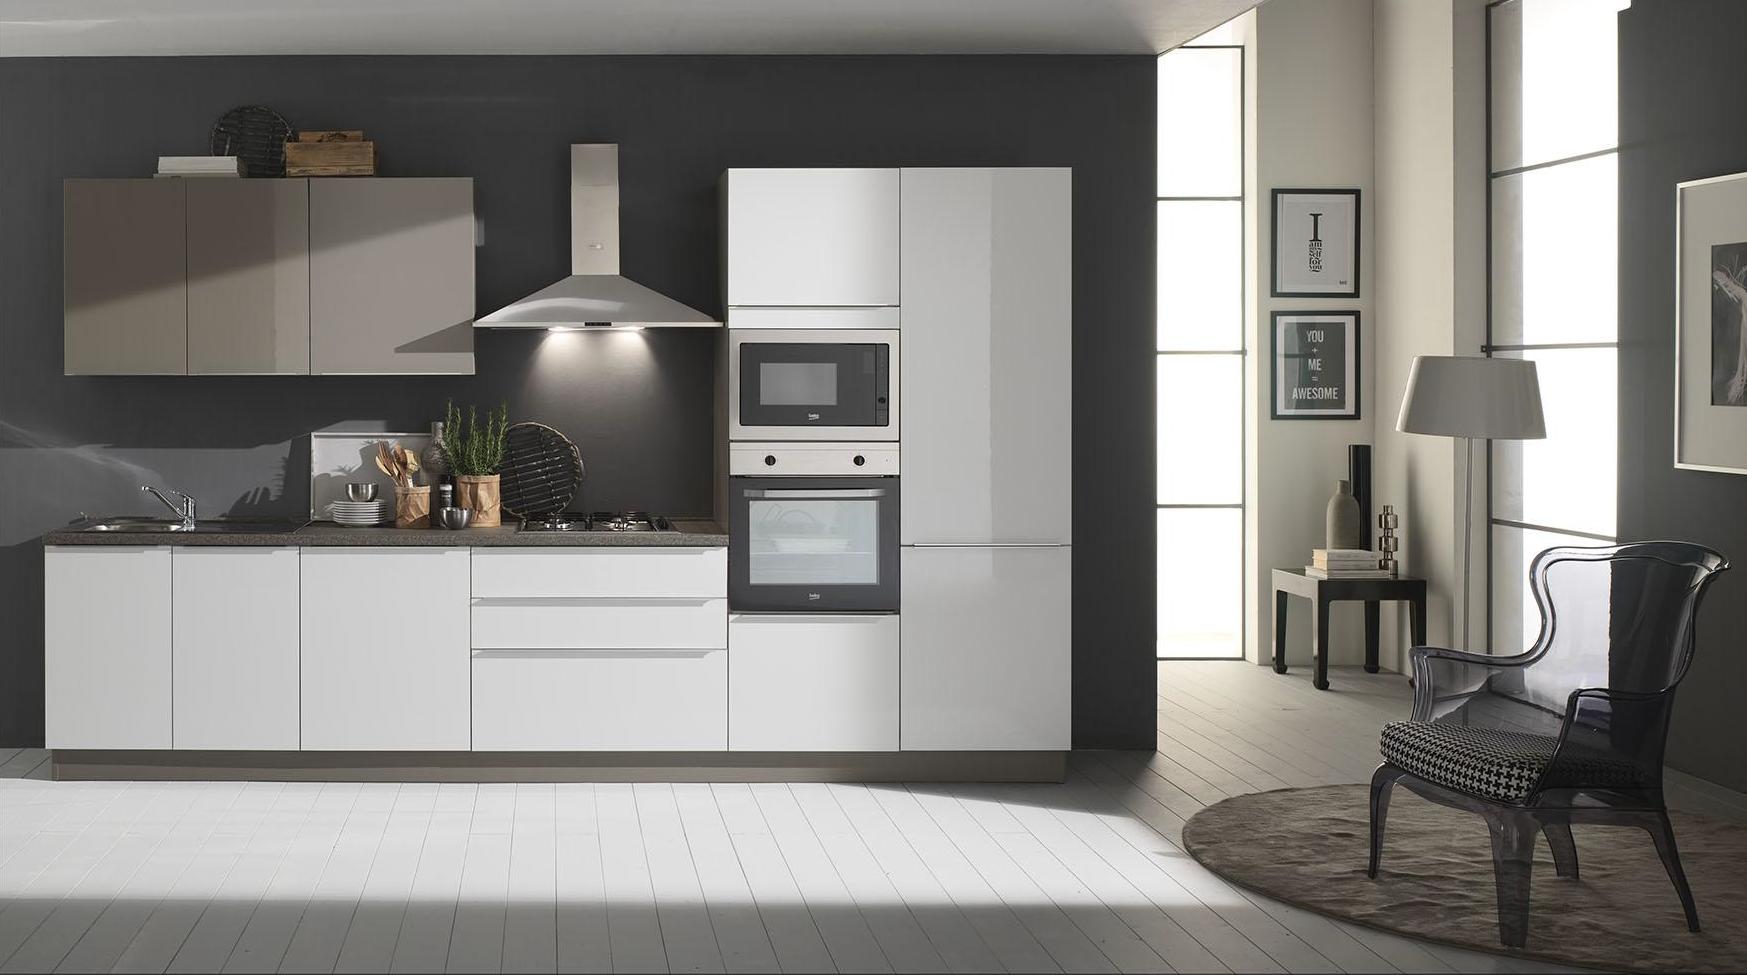 Cucina mia mobil house for Piani di progettazione della casa 3d 4 camere da letto